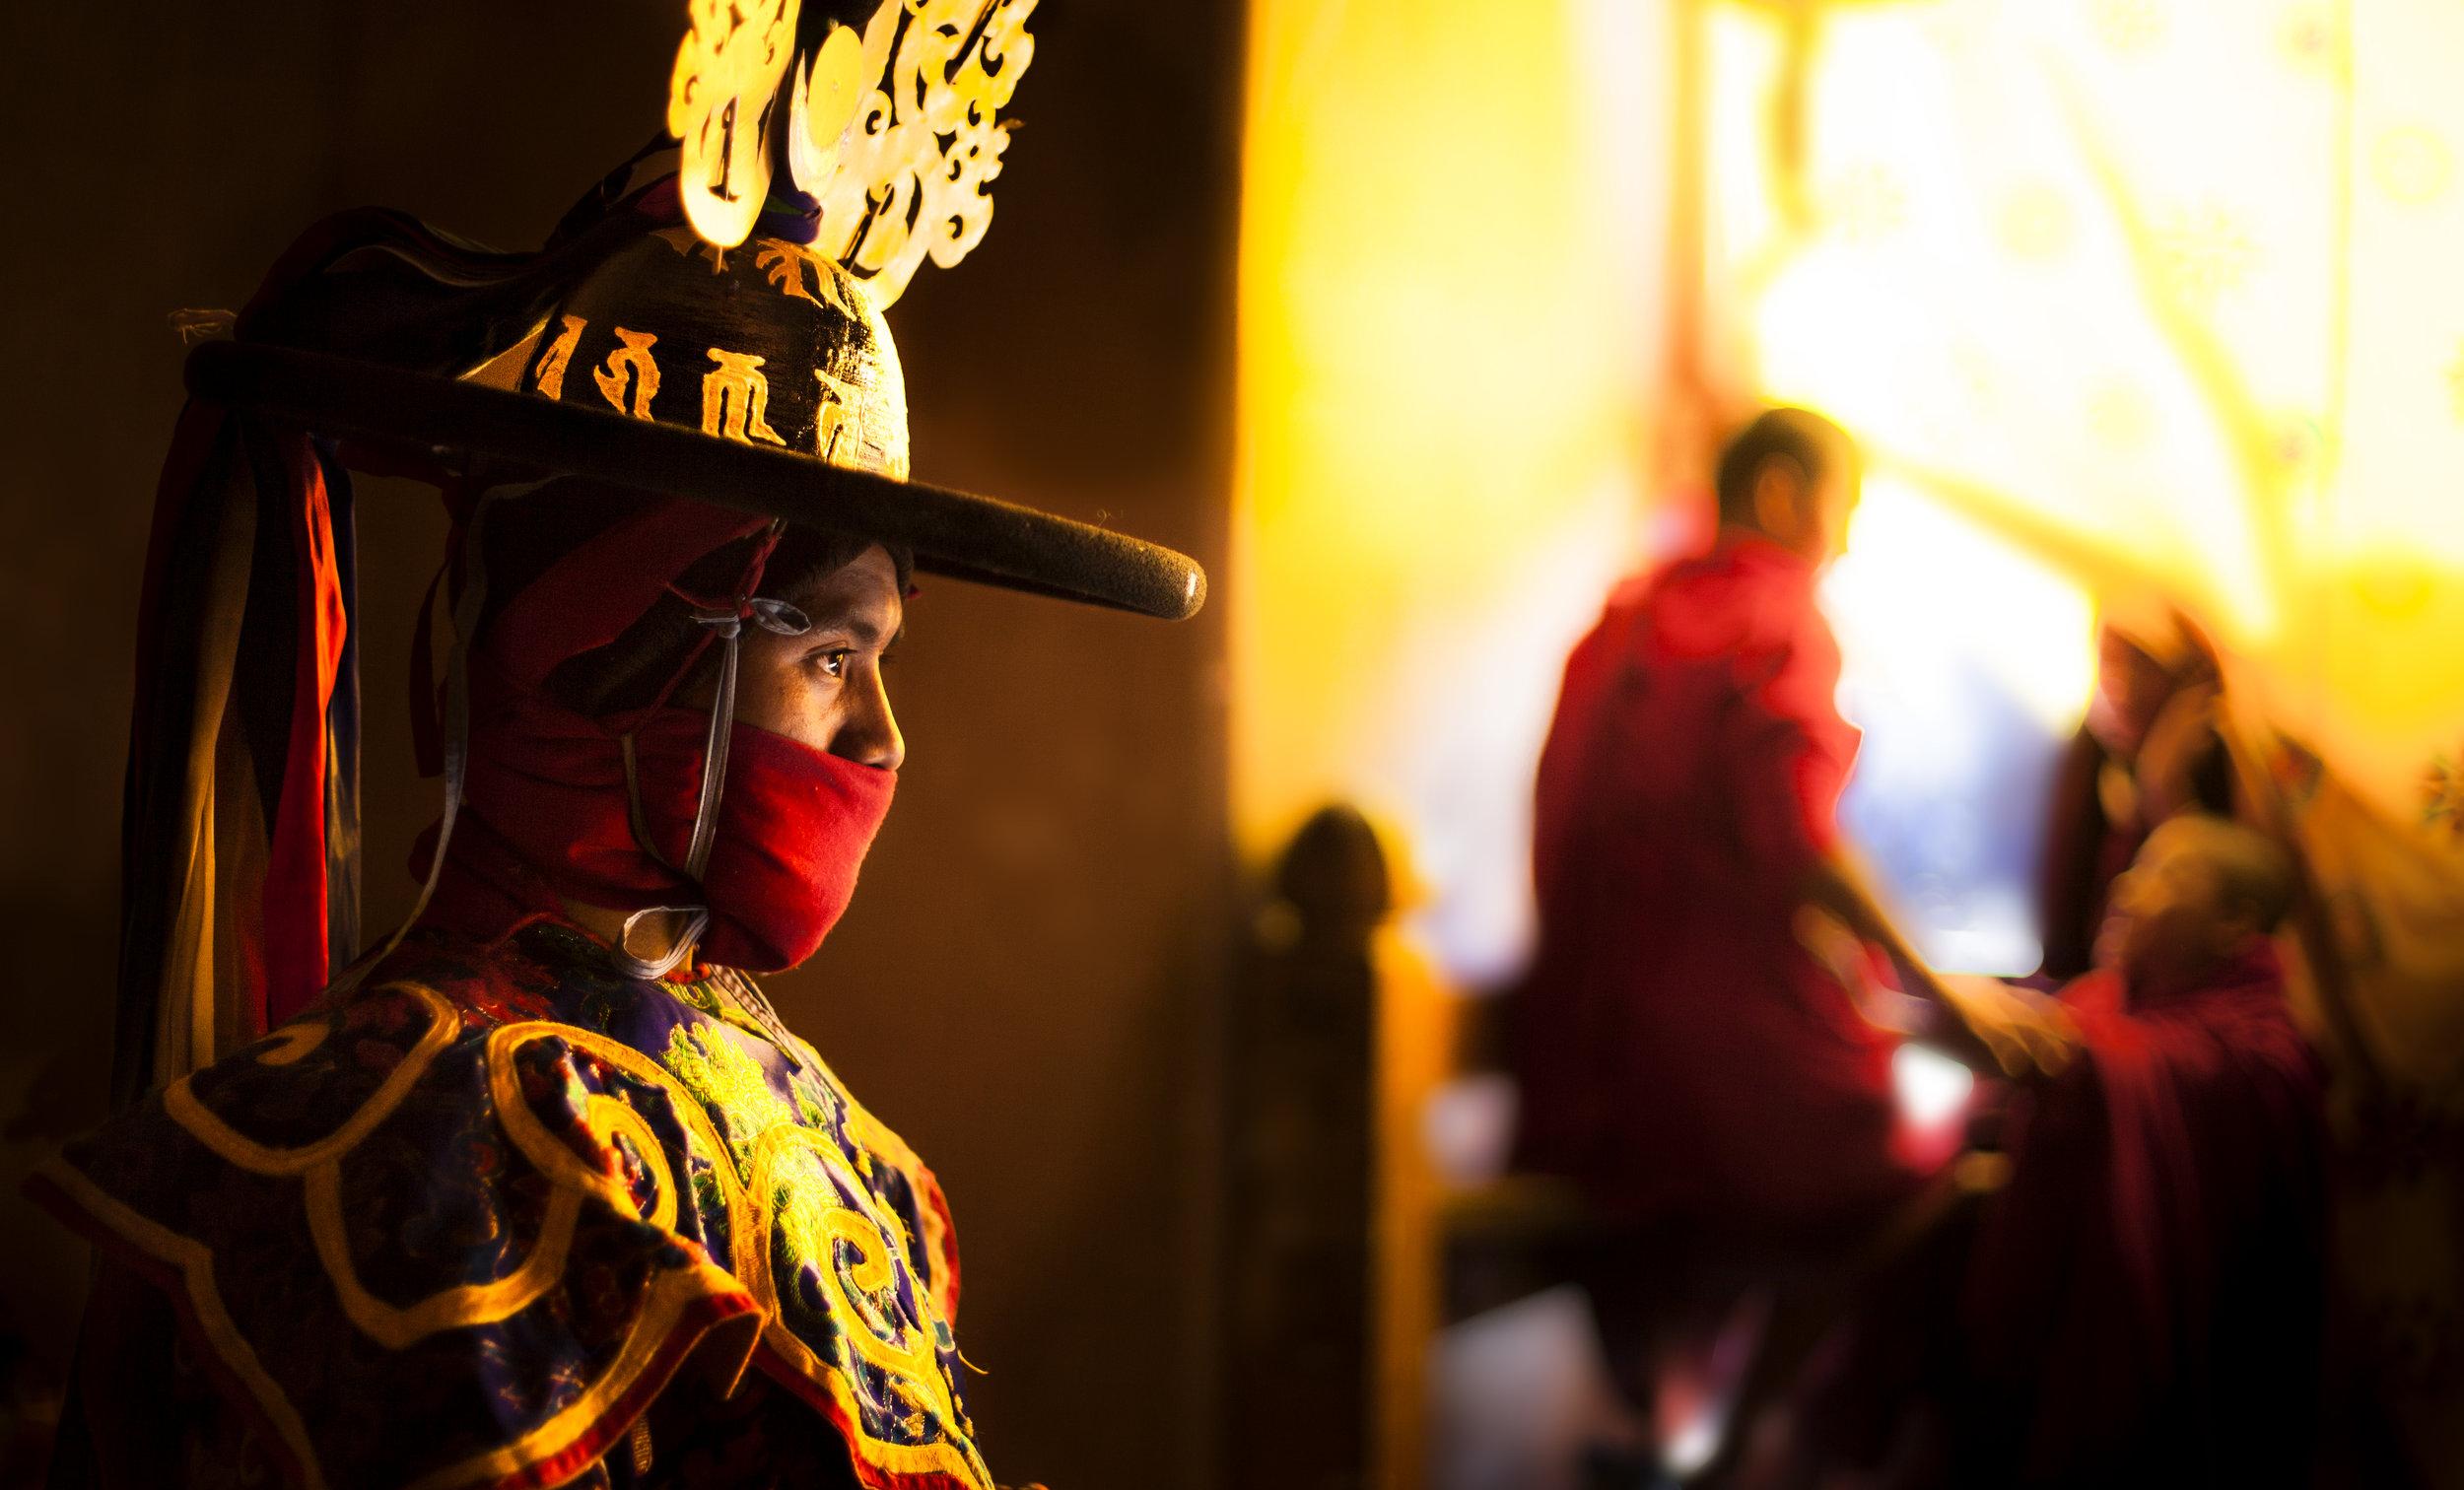 Bhutan-vincentroazzijr-1571-PBS.jpg